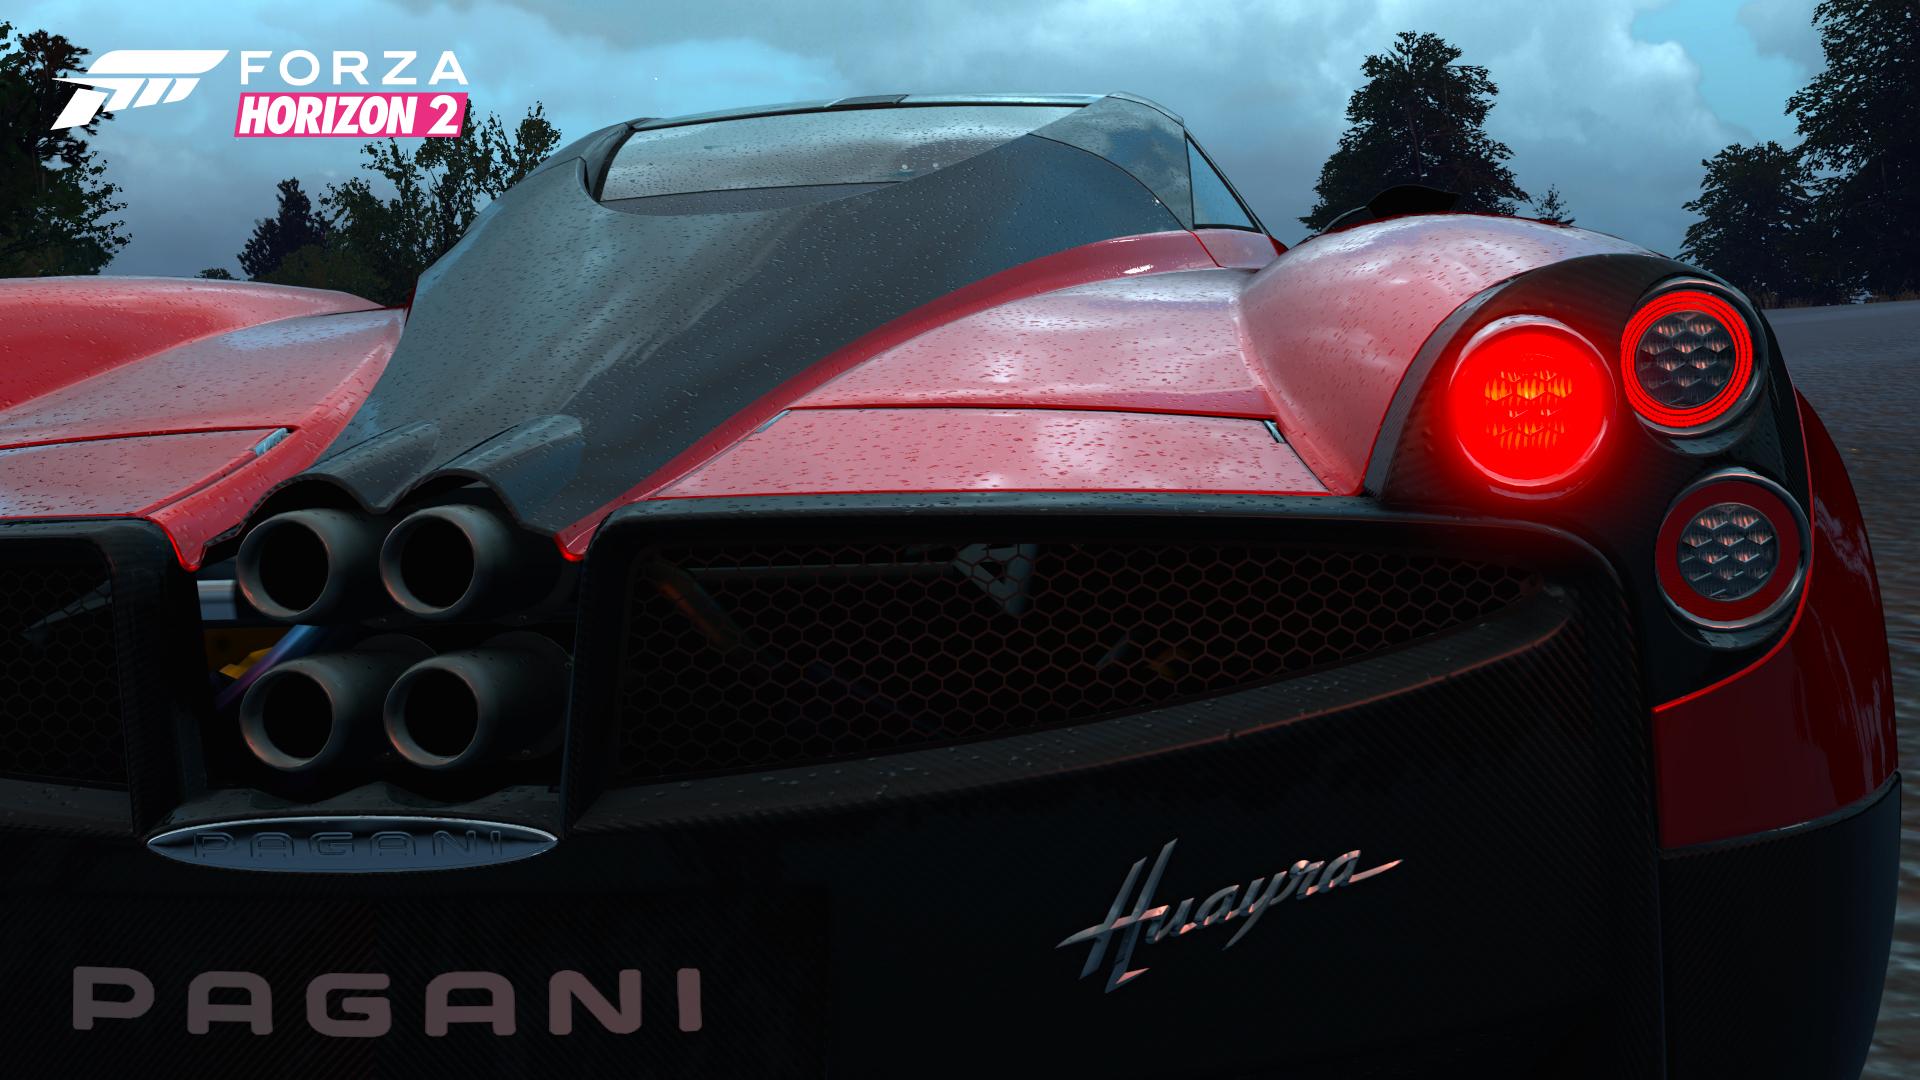 Forza Horizon 2: Az első gameplay videó a játékról